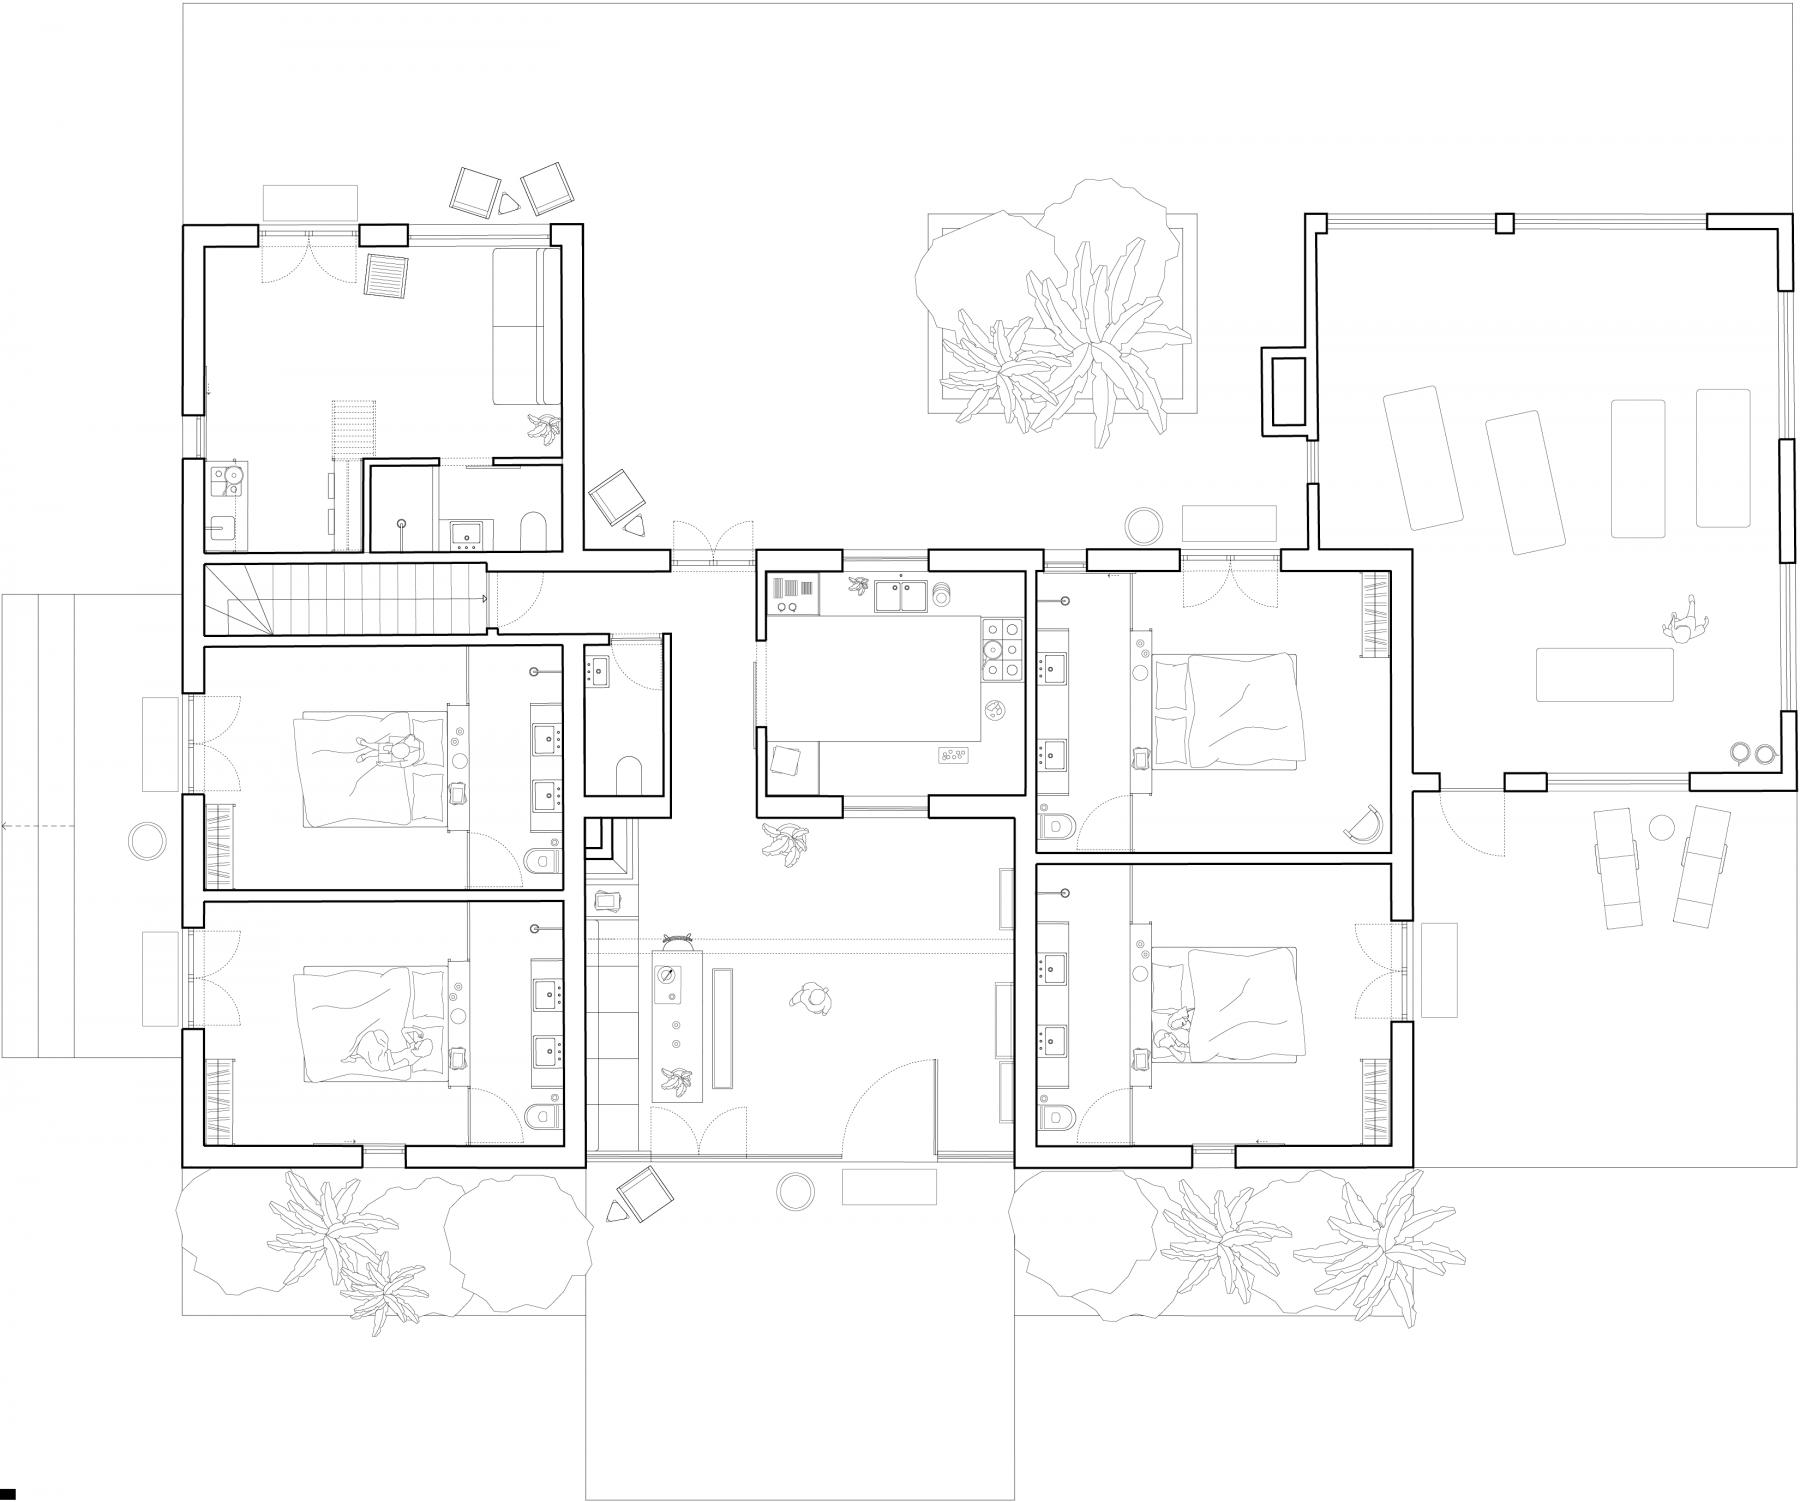 dc ad lua nua architecture plan